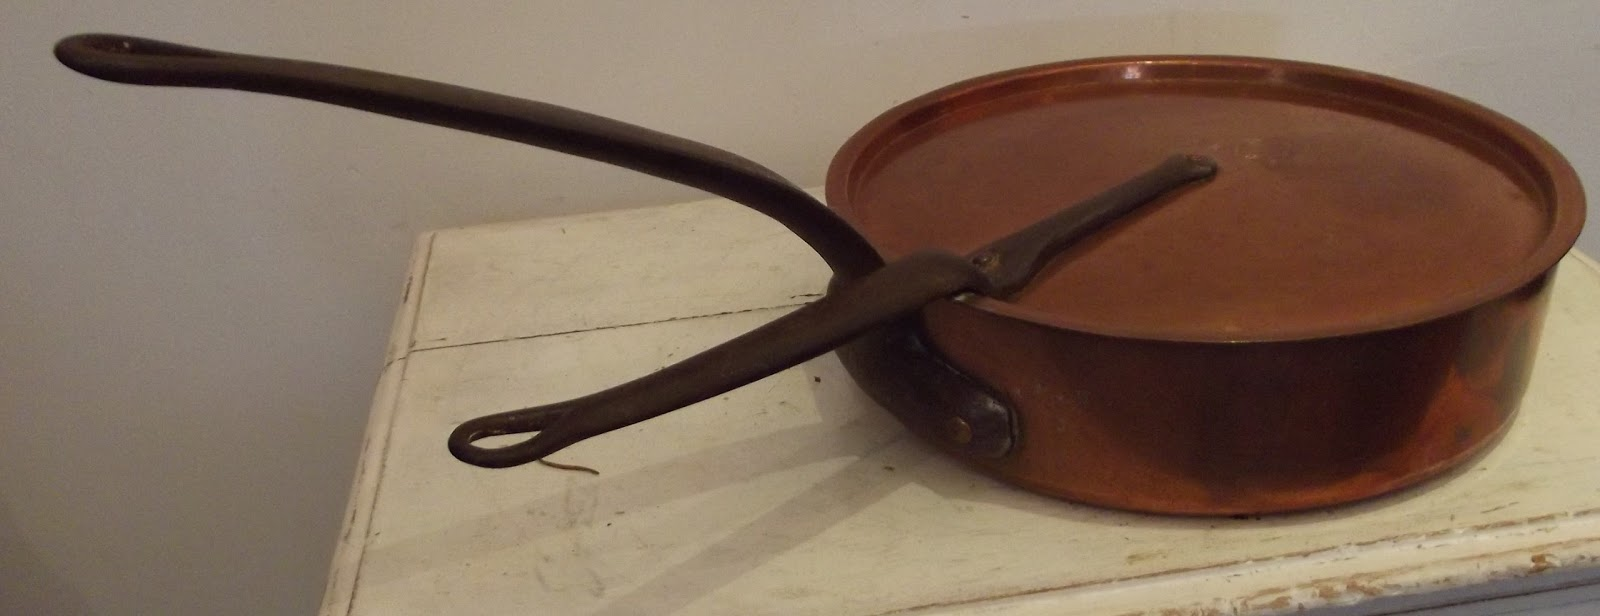 ancienne casserole cuivre tam estampill duval pw couvercle poign es. Black Bedroom Furniture Sets. Home Design Ideas